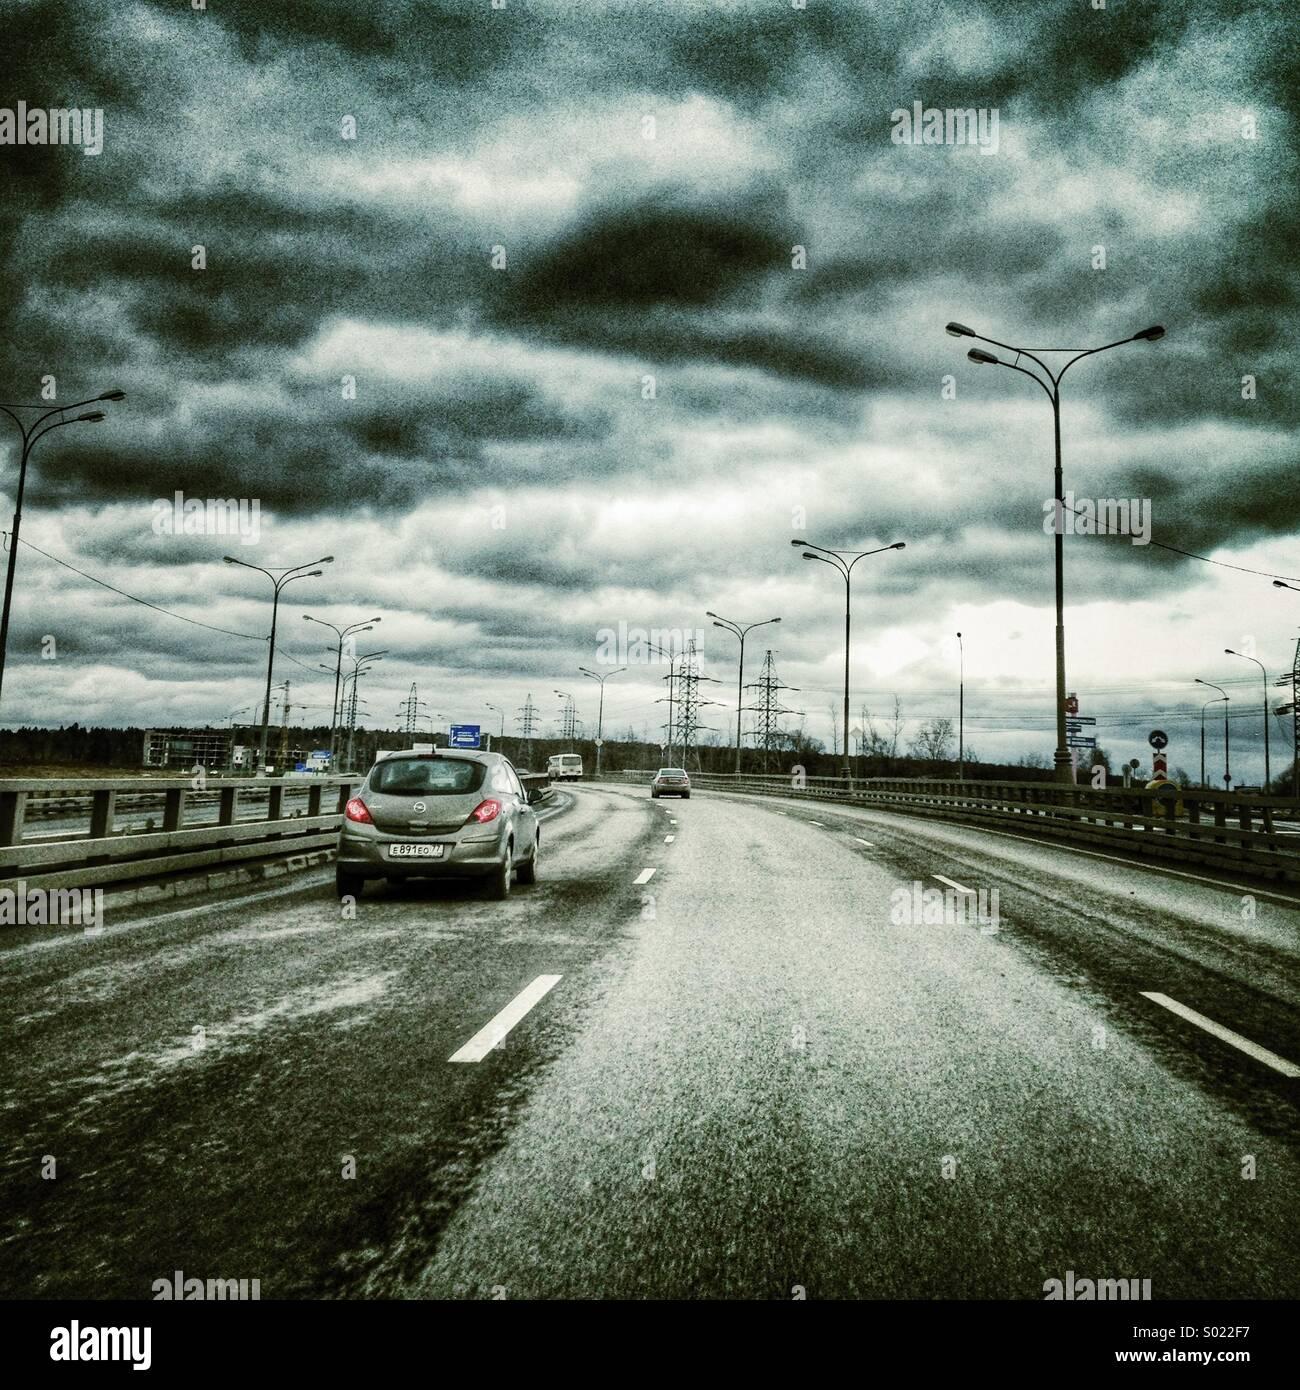 Autobahn unter dramatischen Wolkengebilde. Stockbild